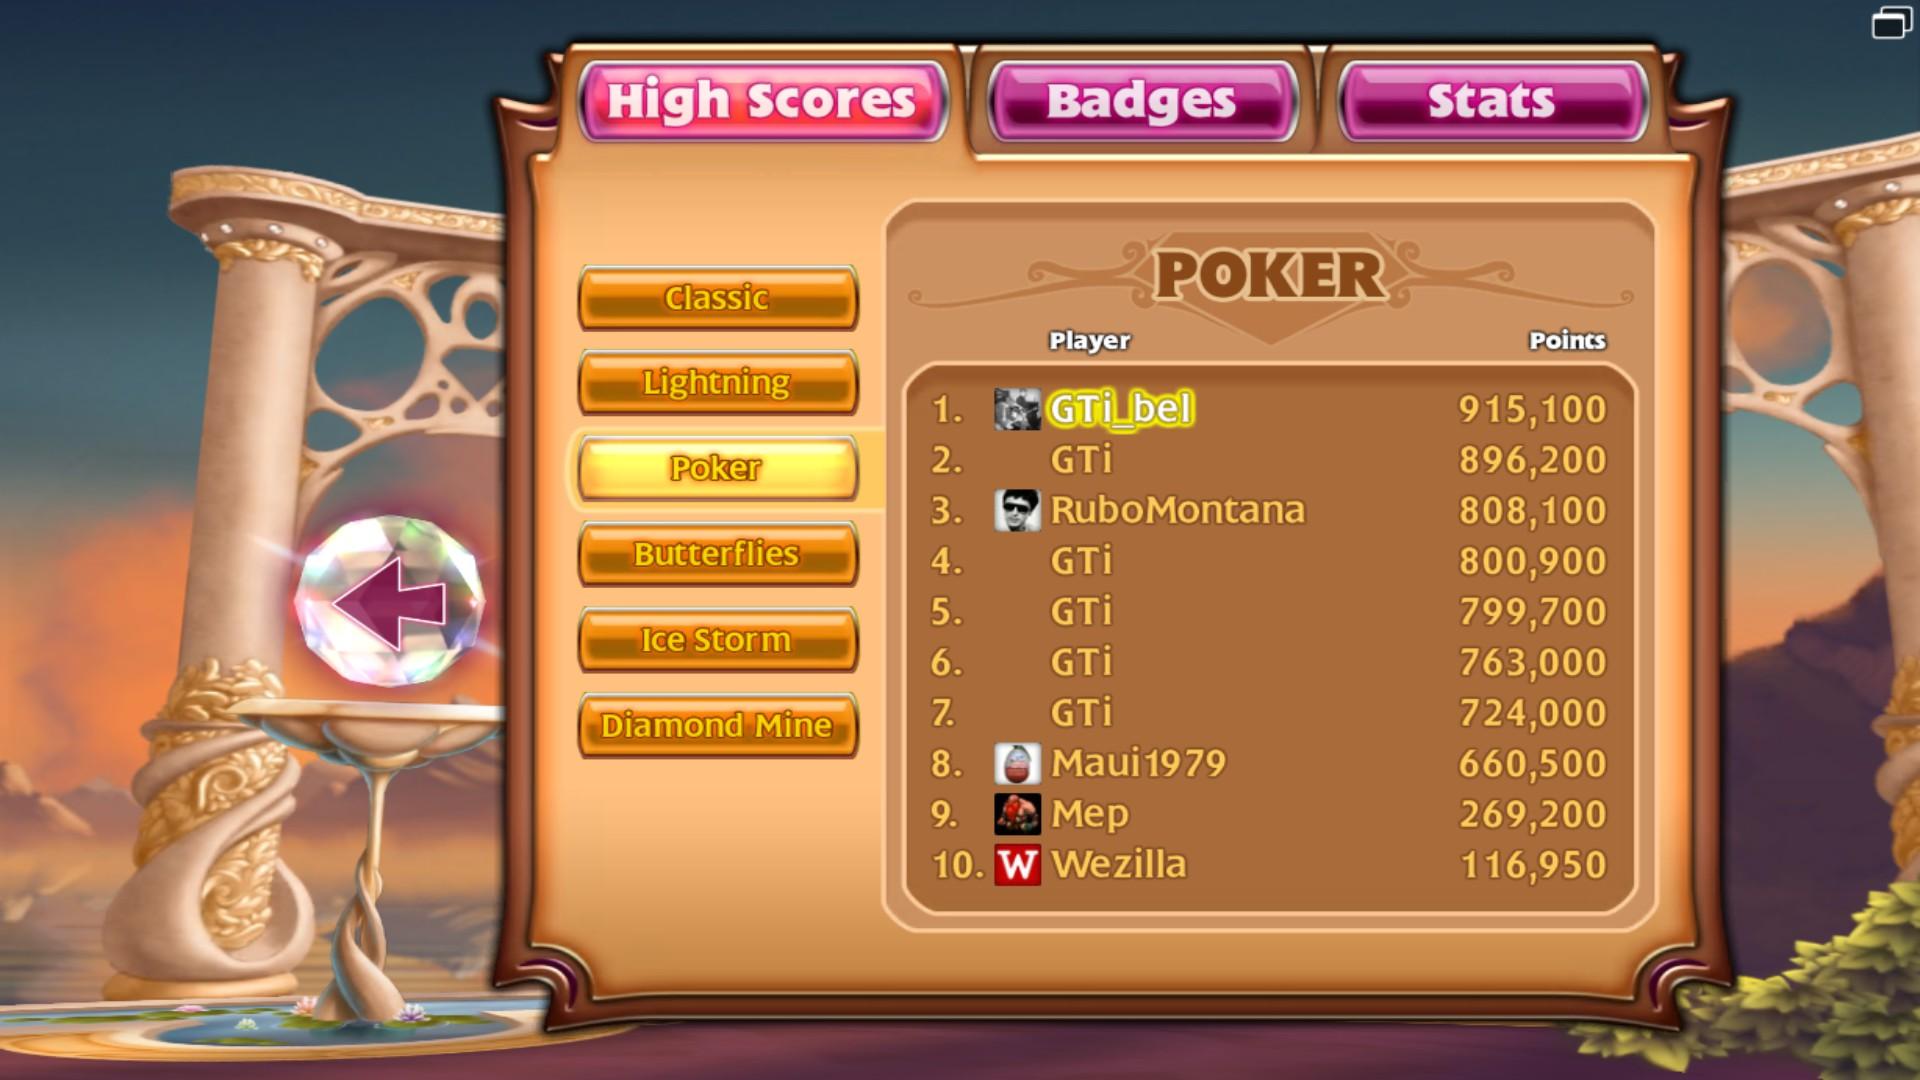 GTibel: Bejeweled 3 [Poker] (PC) 915,100 points on 2018-01-26 01:39:30